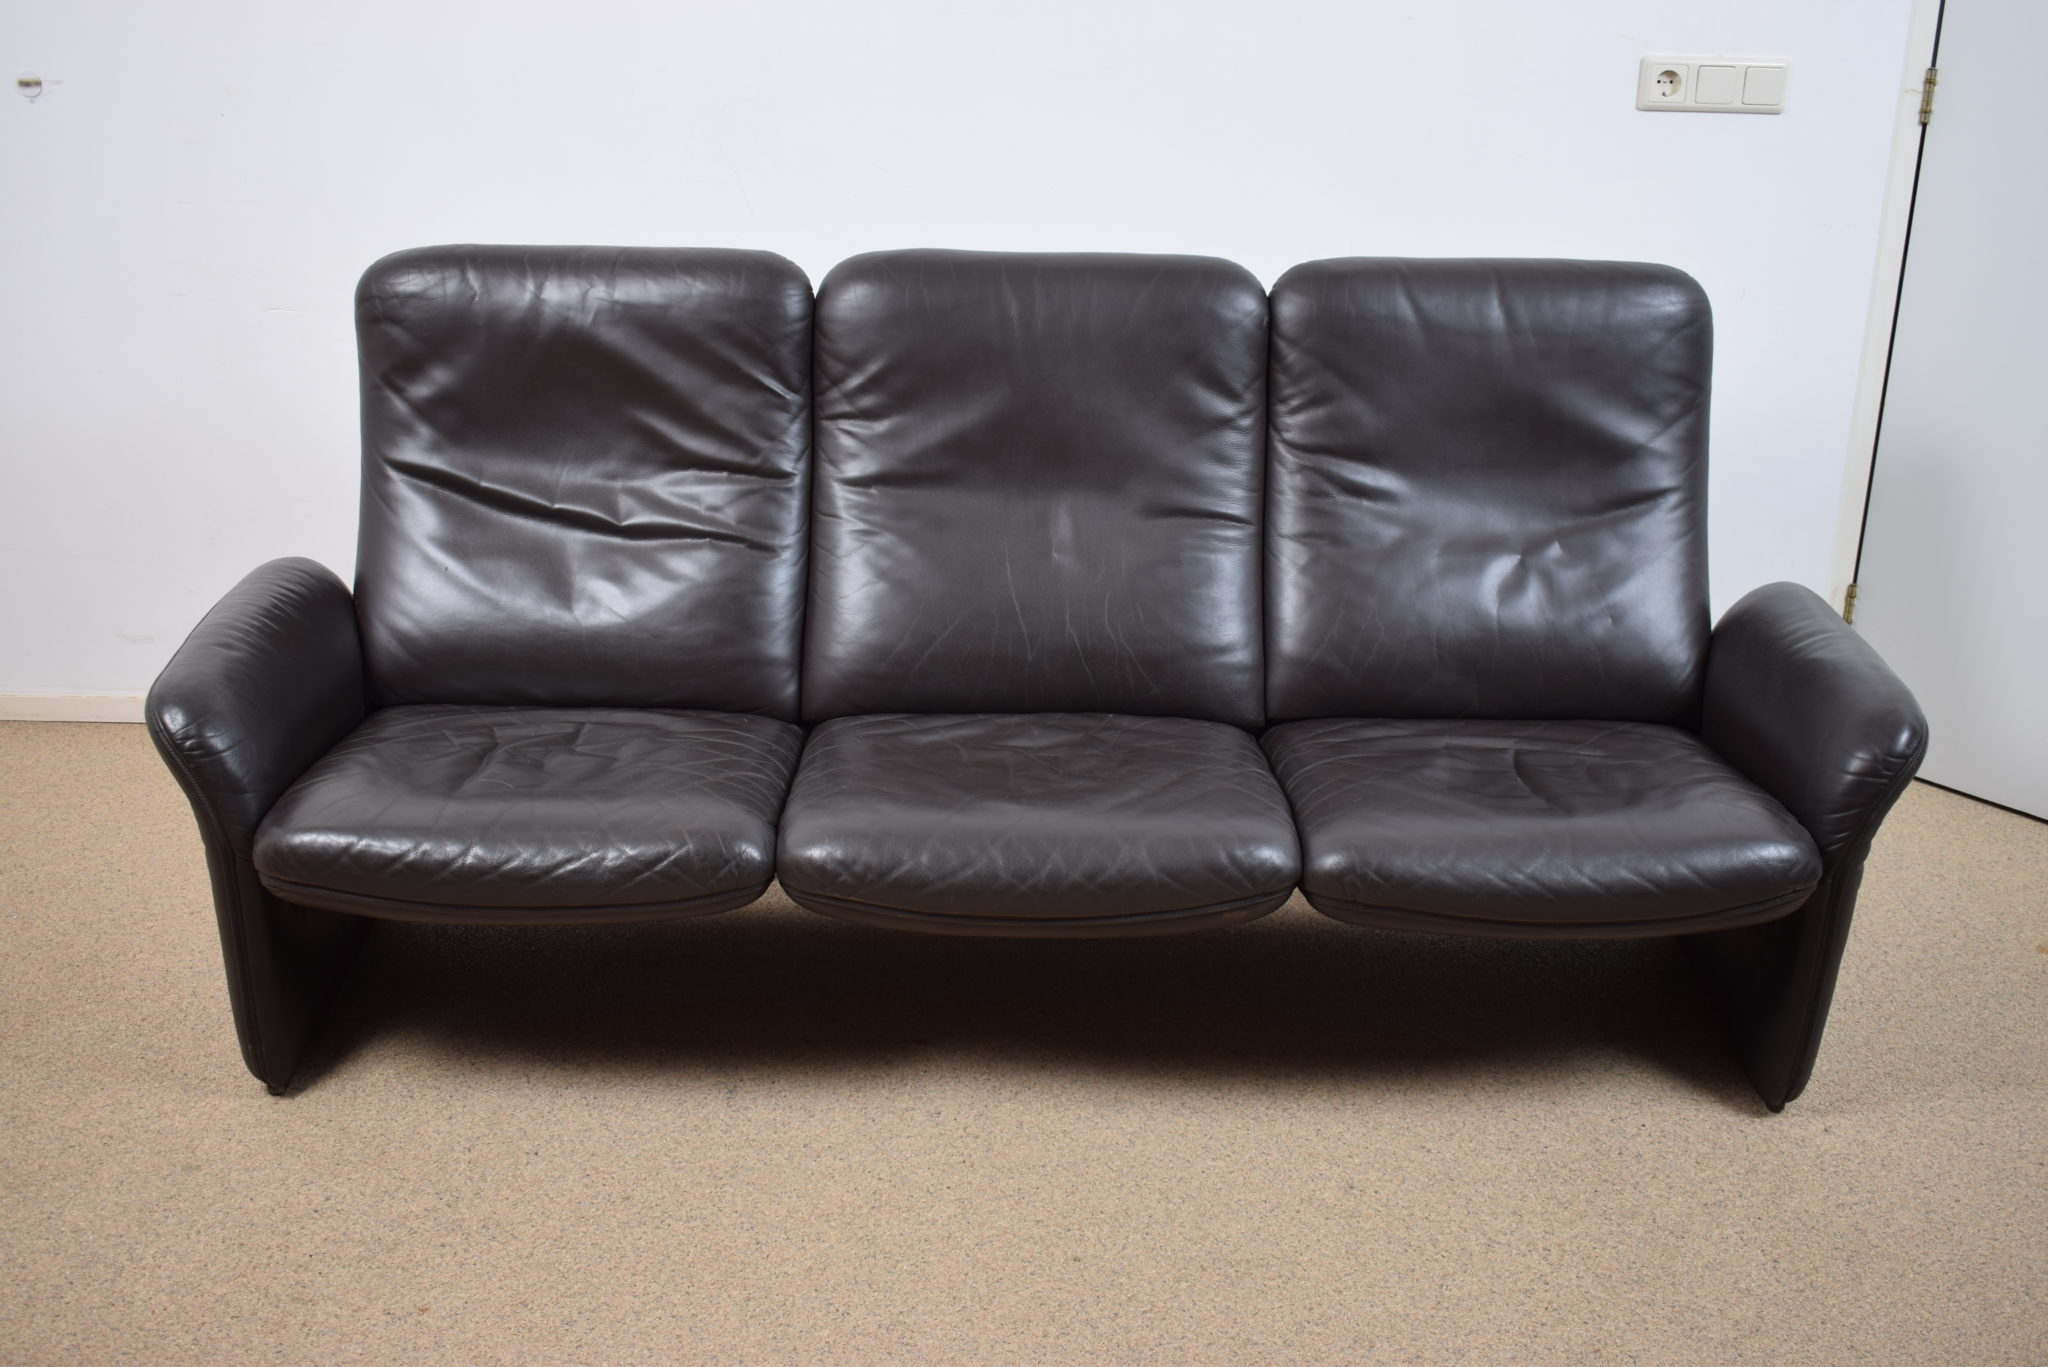 Ds 50 Sofa Amp Chairs Set By De Sede Howaboutout Vintage